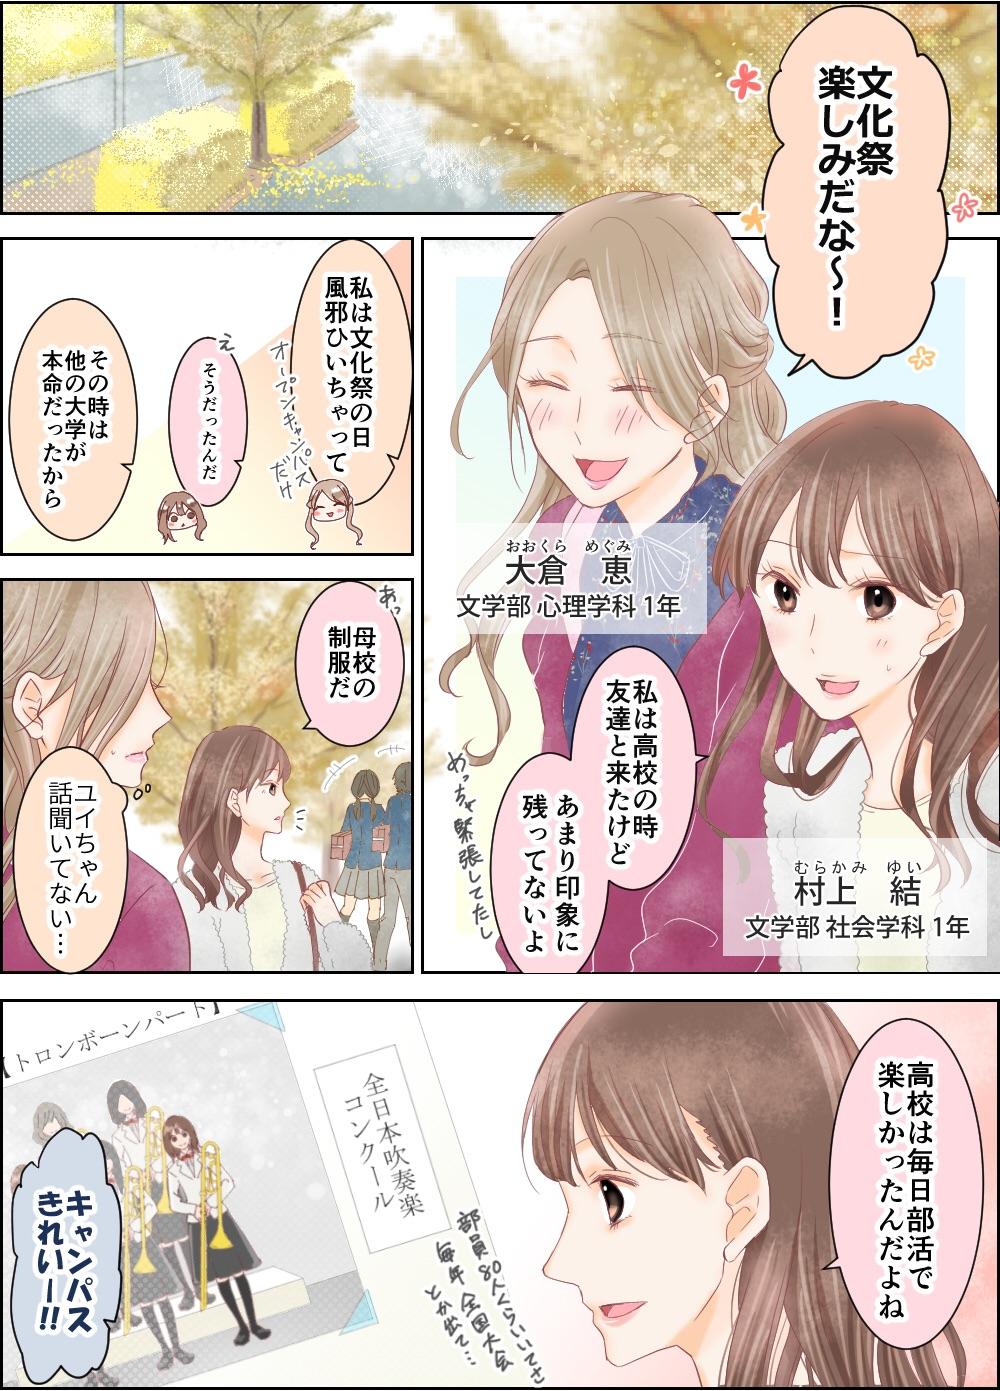 asukoi_003_001